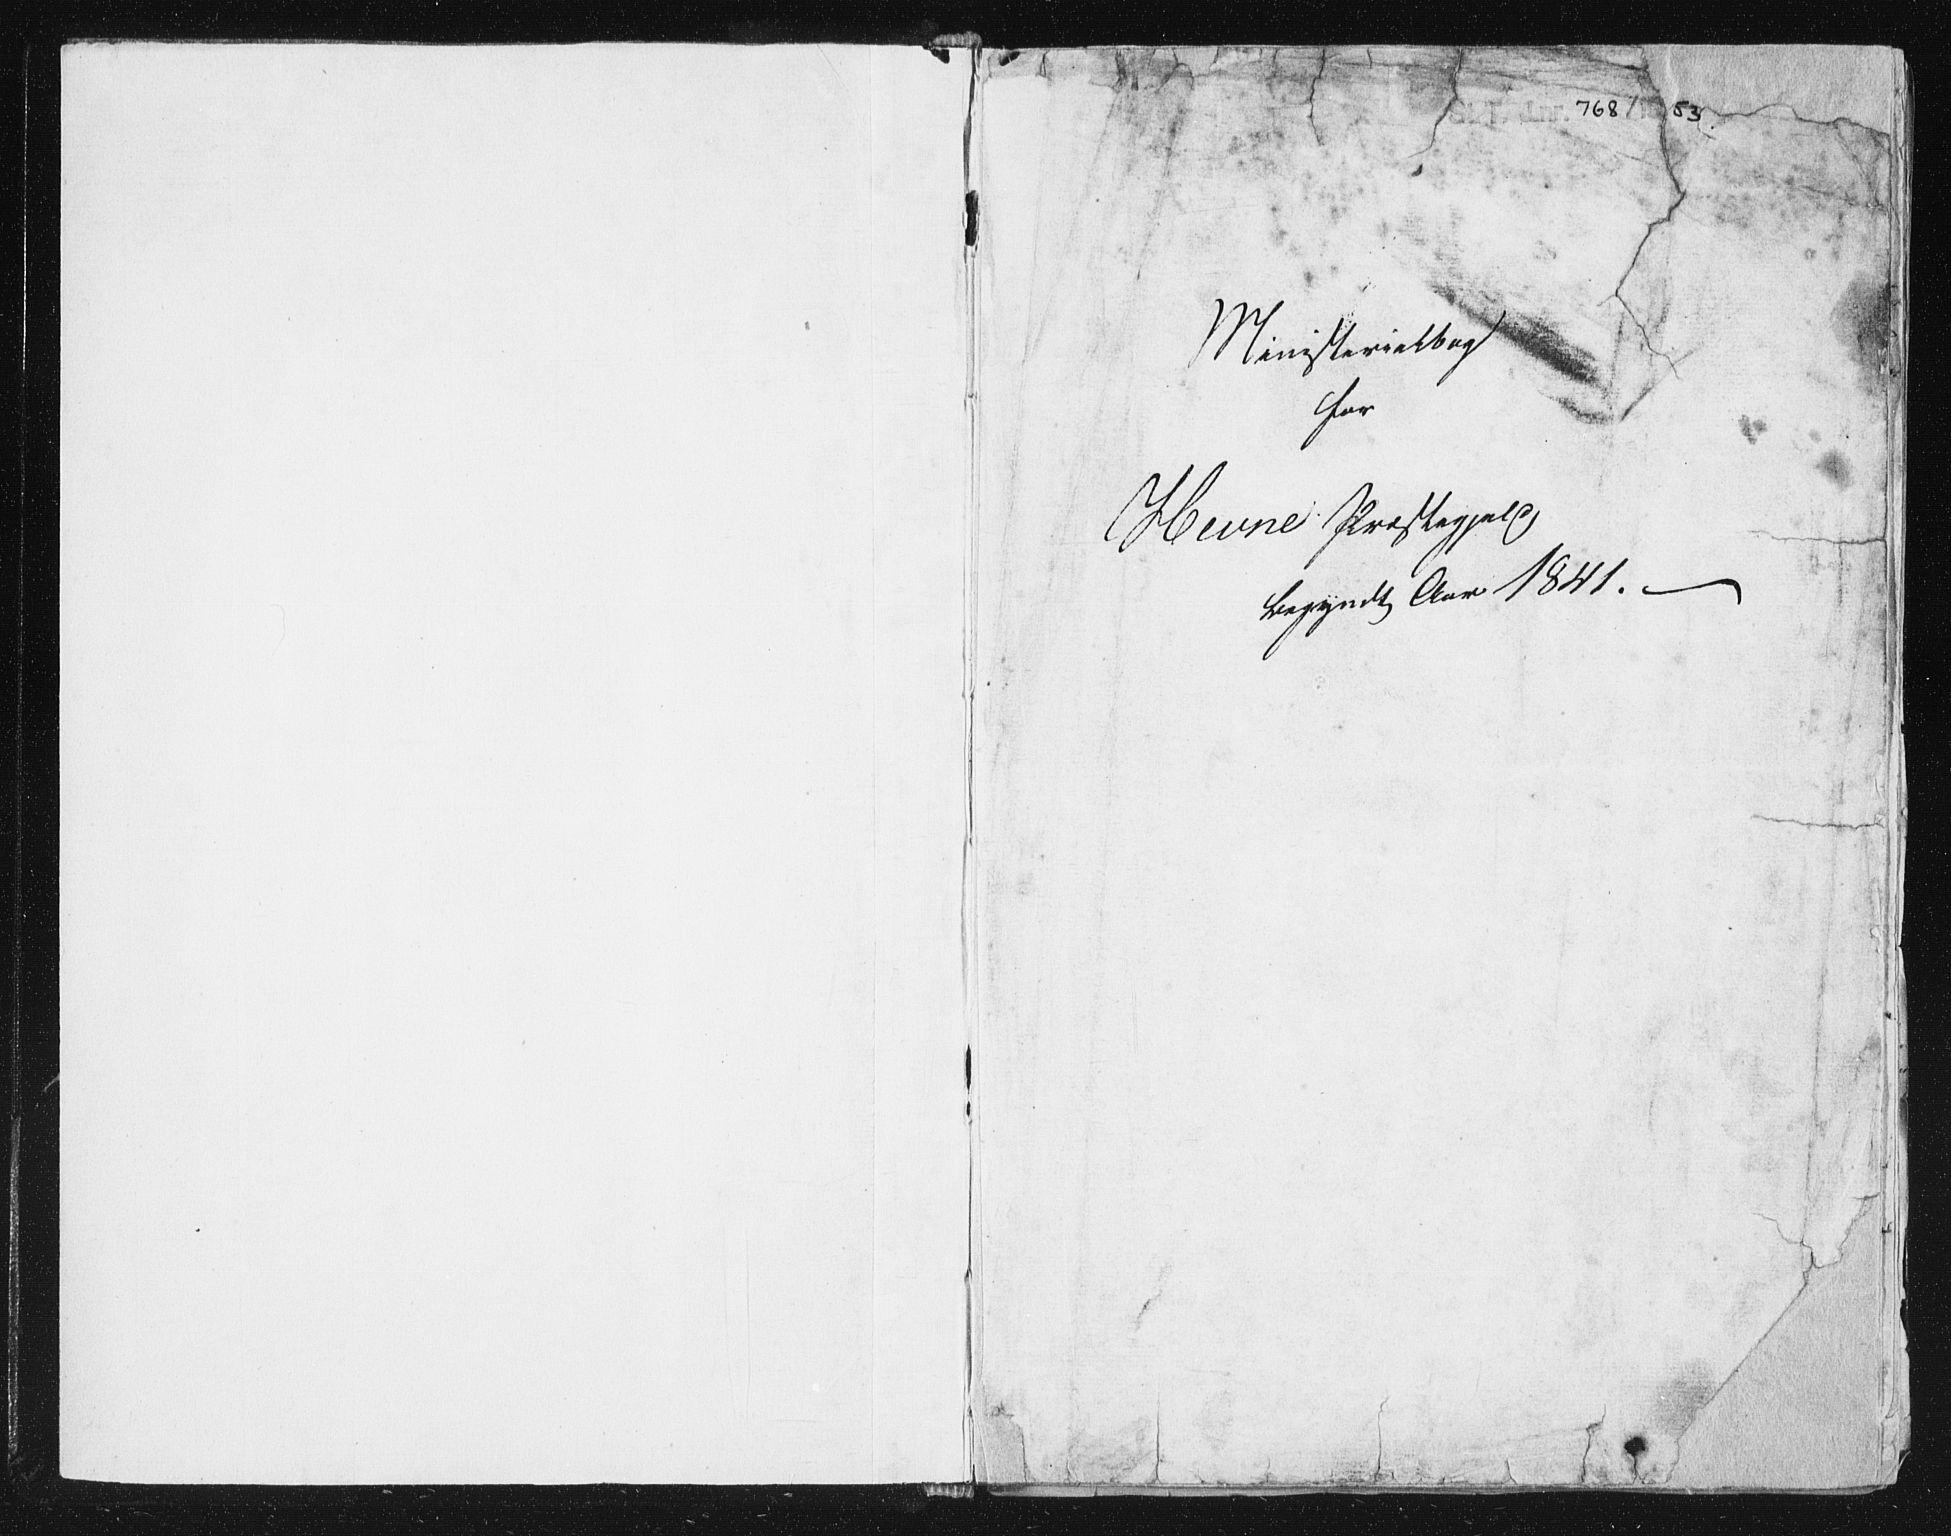 SAT, Ministerialprotokoller, klokkerbøker og fødselsregistre - Sør-Trøndelag, 630/L0493: Ministerialbok nr. 630A06, 1841-1851